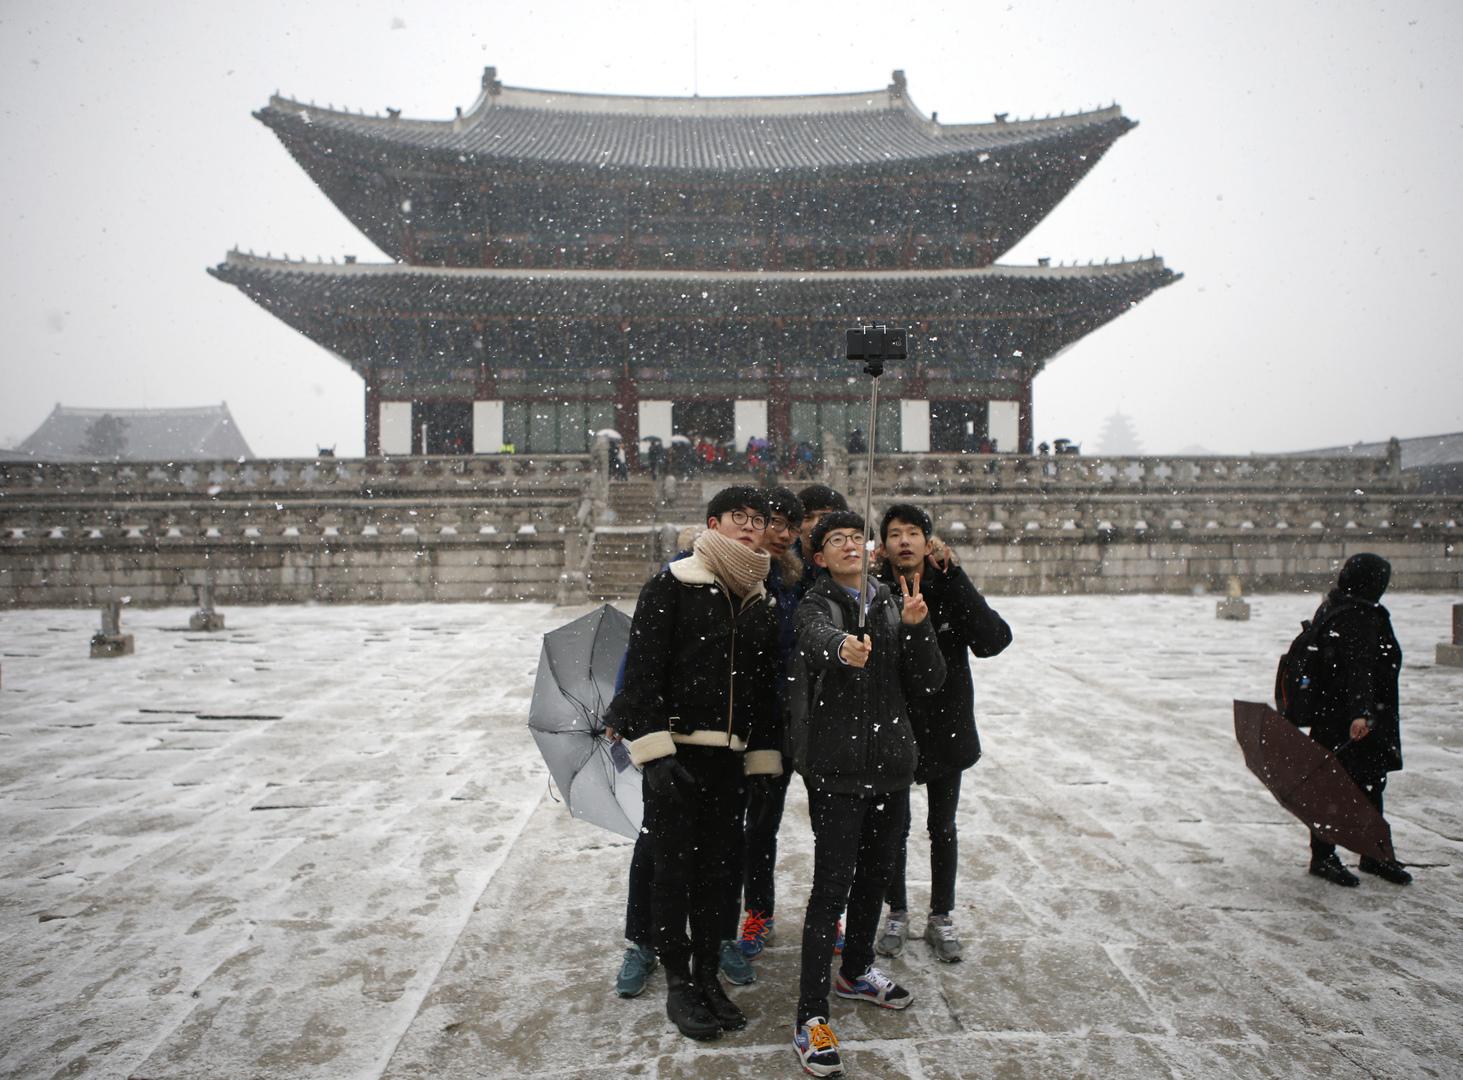 موجة من البرد القارس تعصف بالعاصمة سيئول وكامل كوريا الجنوبية مصحوبة بعواصف ثلجية